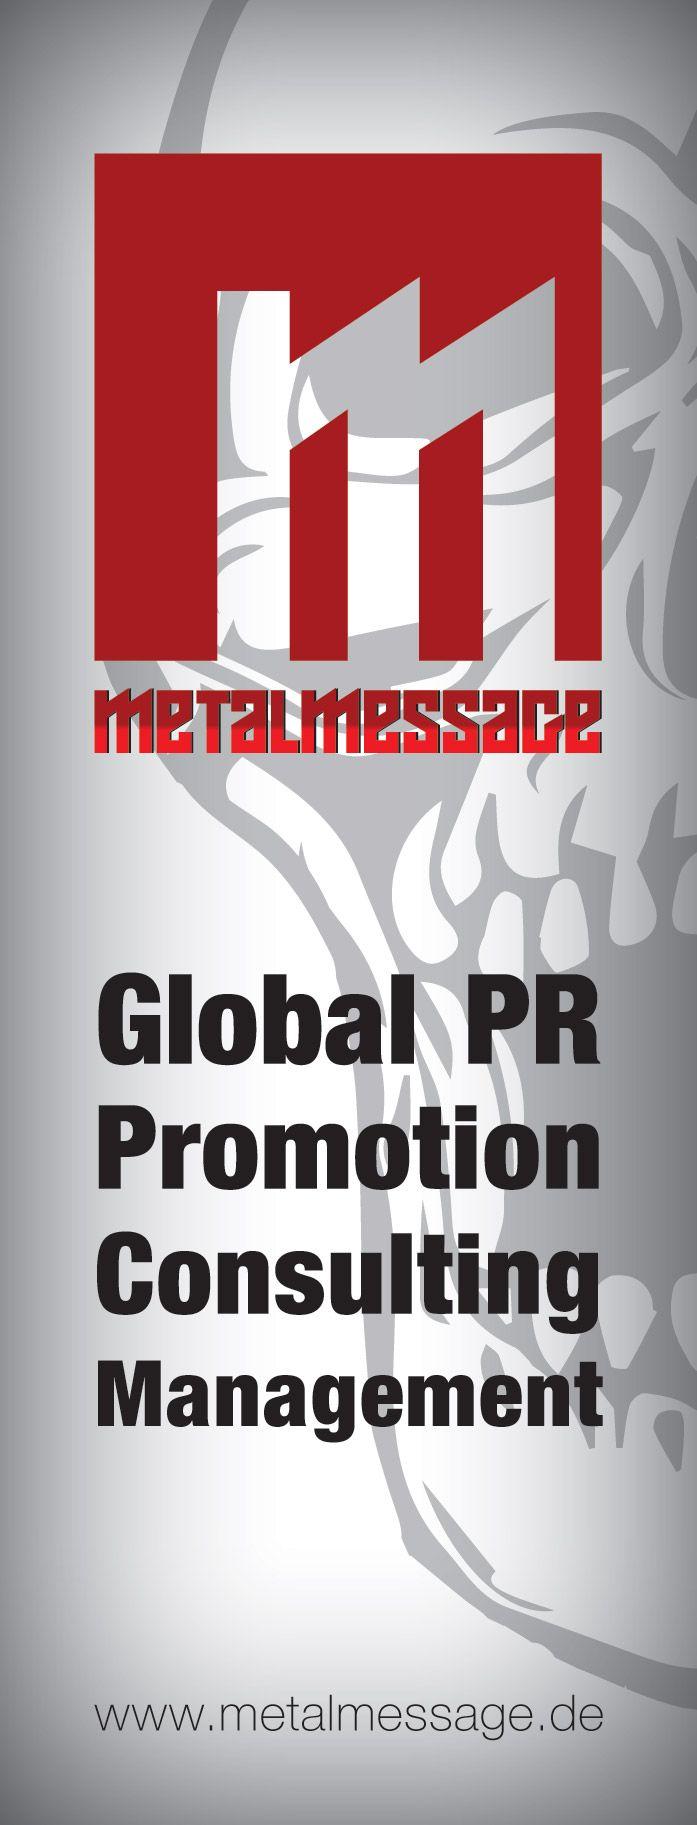 http://www.metalmessage.de